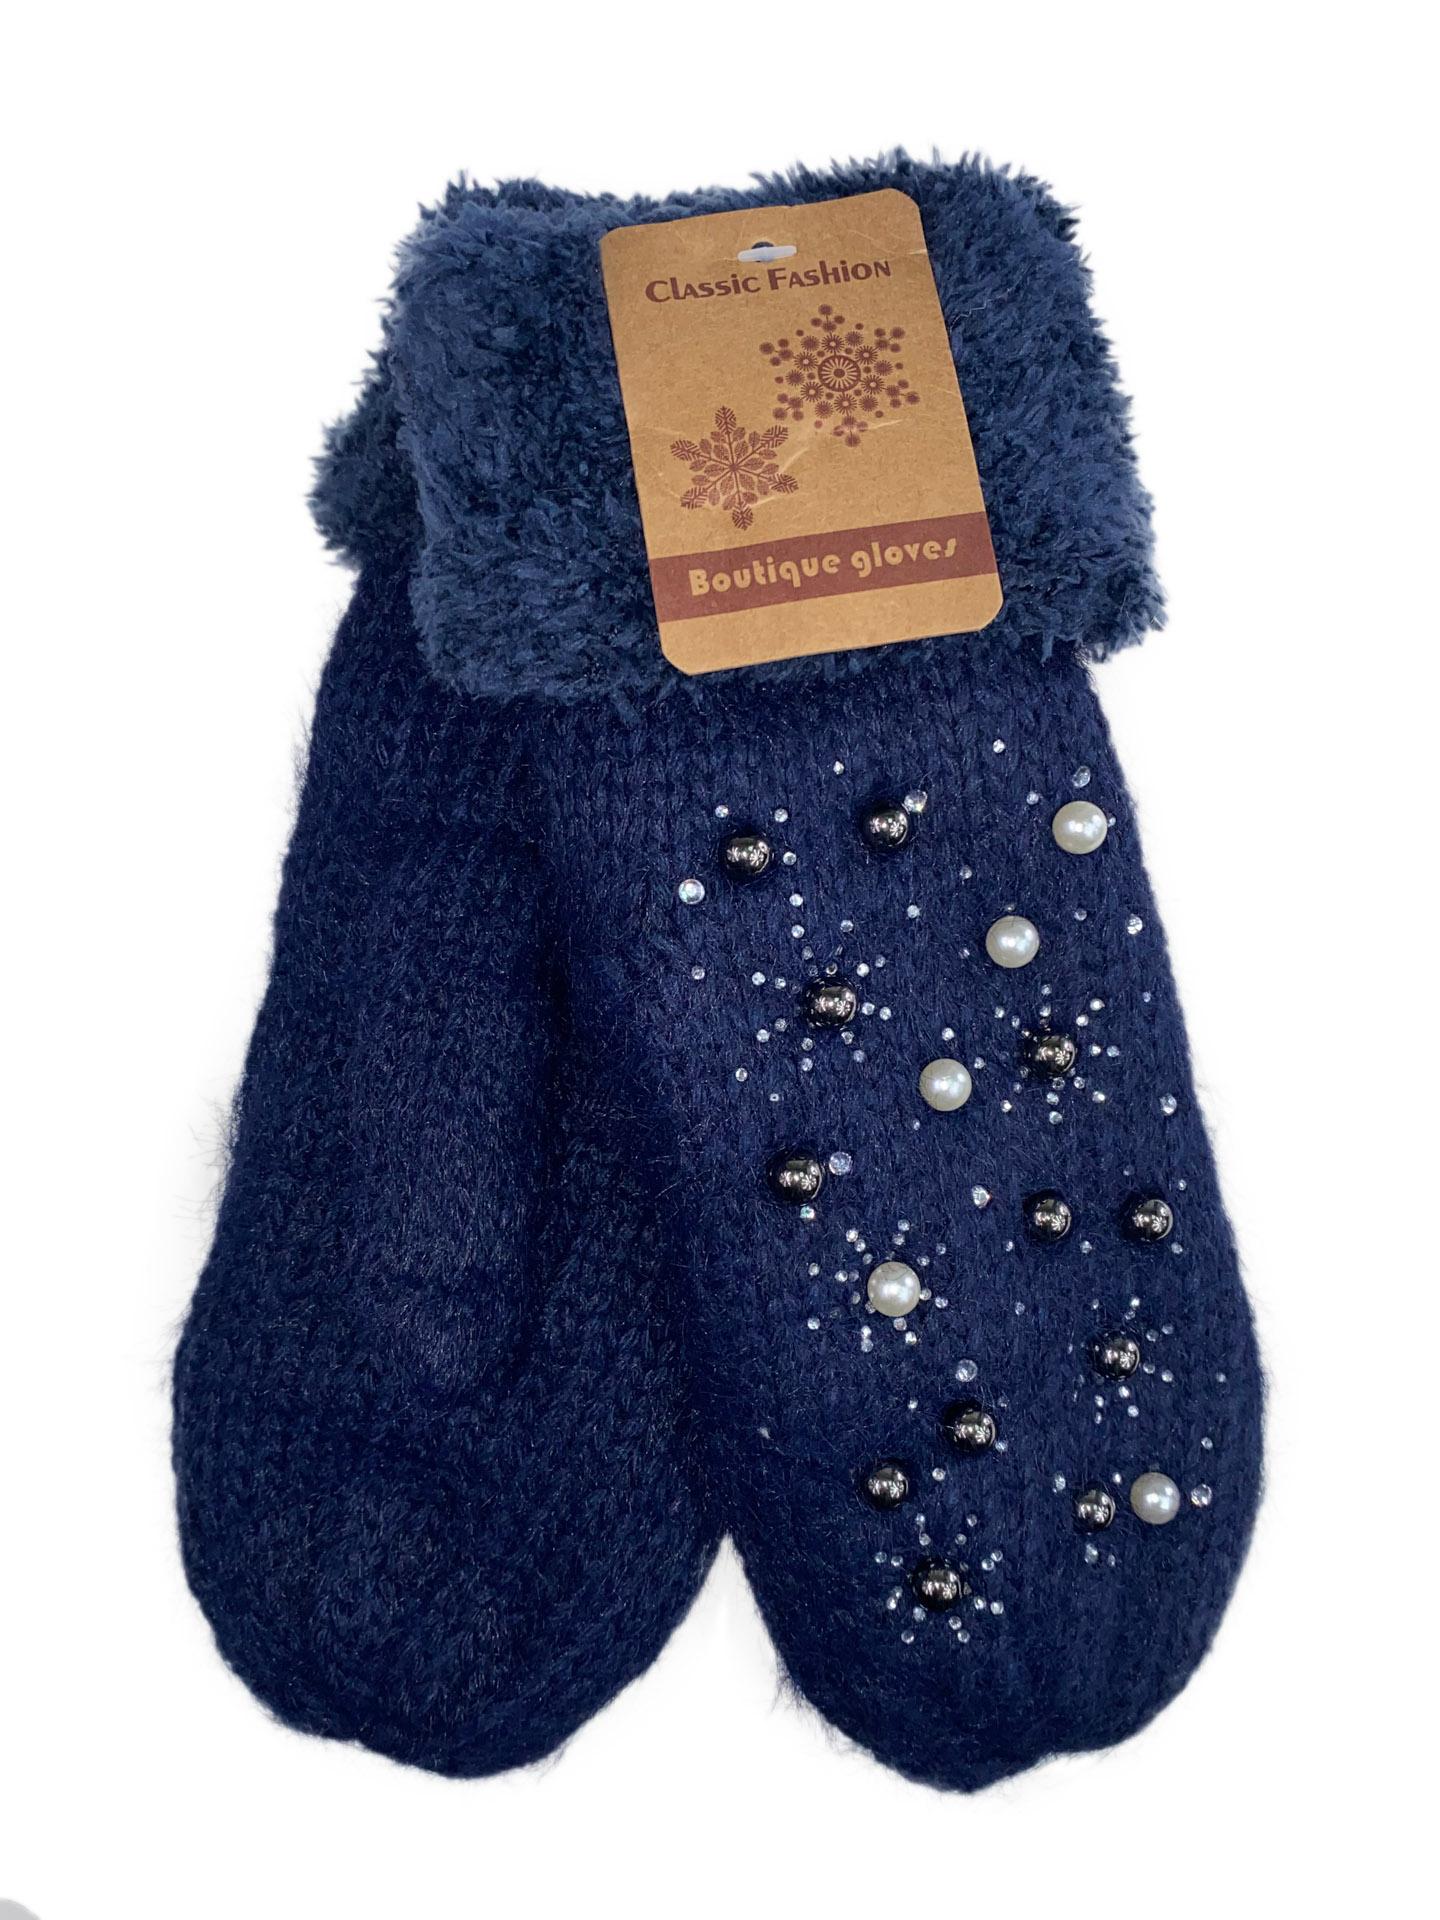 Женские утеплённые варежки из шерсти и акрила с украшением, цвет синий16800VP1220/2